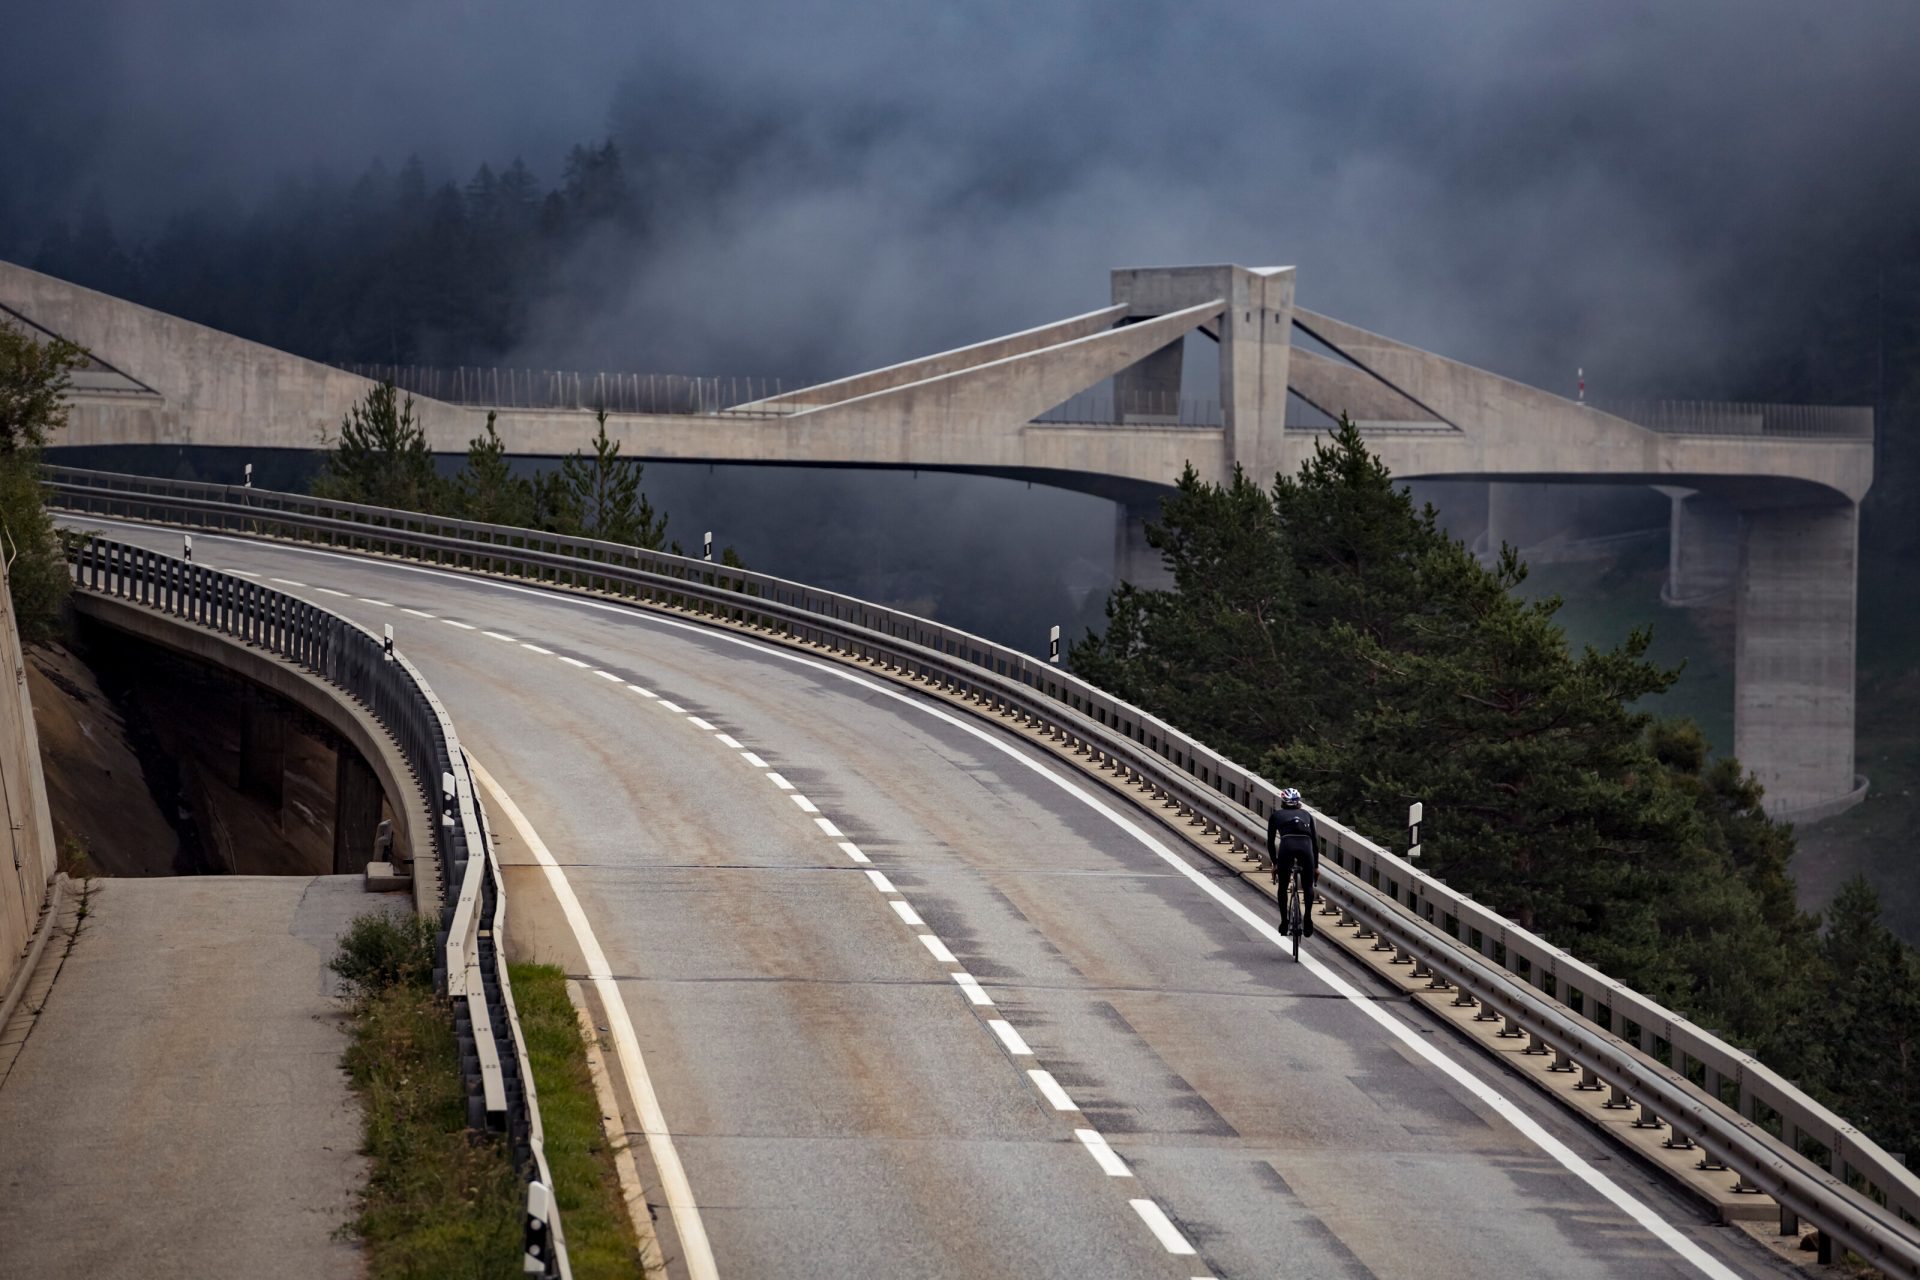 Patrick Seabase při jedinečném cyklistickém výkonu překonal i Ganterův most. Foto: redbull